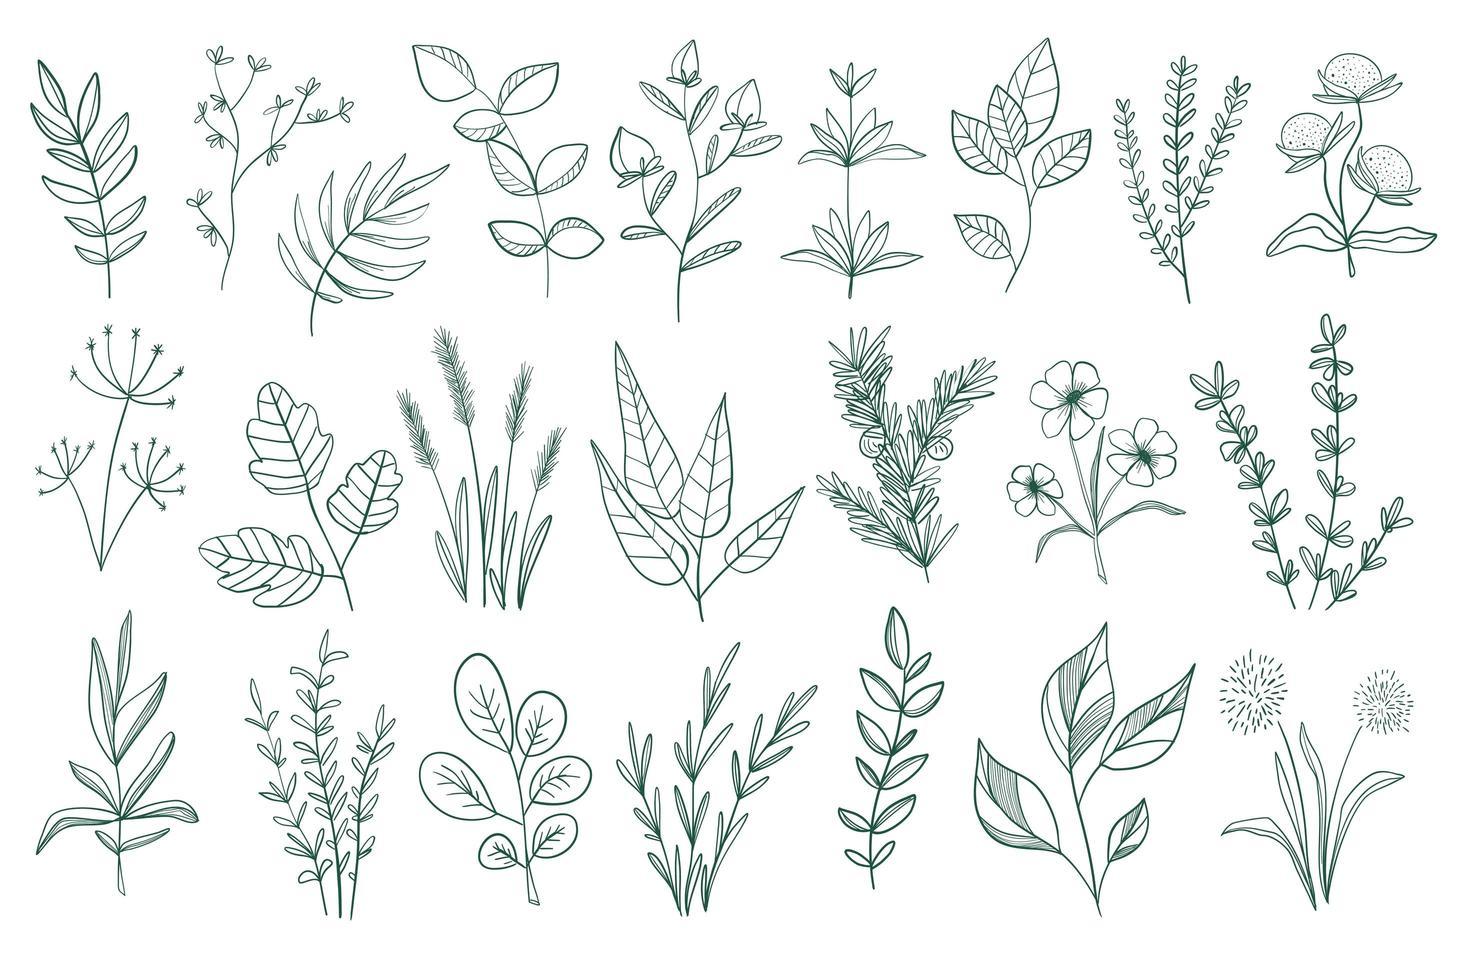 Bündel von floralen dekorativen Elementen vektor